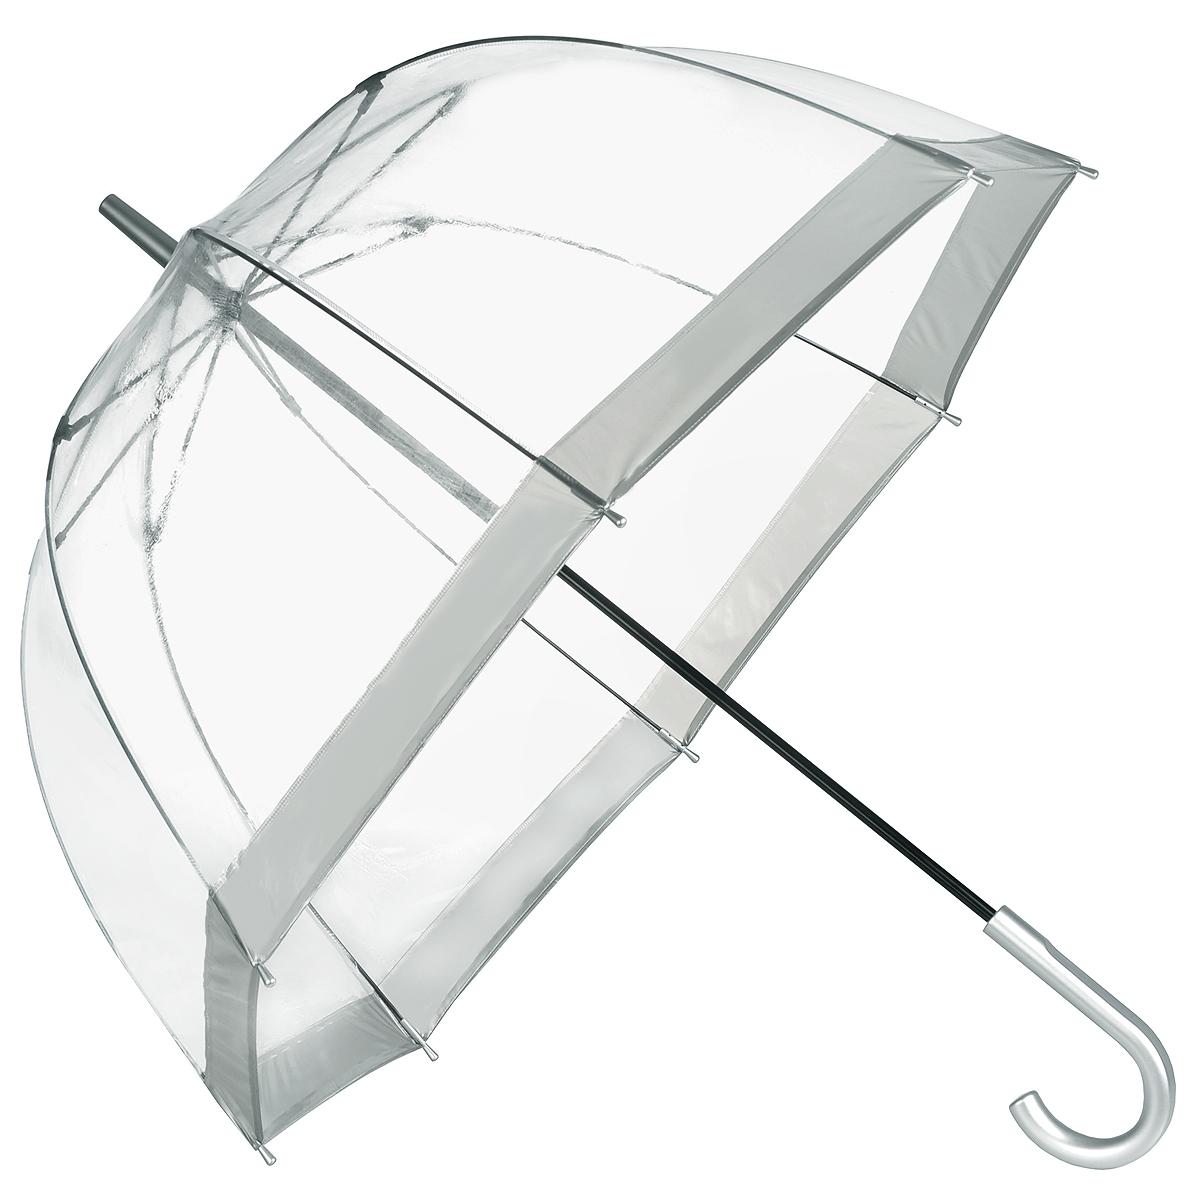 Зонт-трость женский Bird cage, механический, цвет: прозрачный, серебристый. L041 1F003L041 1F003Стильный куполообразный зонт-трость Bird cage, защищающий голову и плечи, даже в ненастную погоду позволит вам оставаться элегантной. Каркас зонта выполнен из 8 спиц из фибергласса, стержень изготовлен из стали. Купол зонта выполнен из прозрачного ПВХ с серебристыми вставками по краям. Рукоятка закругленной формы, выполненная из пластик серебристого цвета, разработана с учетом требований эргономики. Зонт имеет механический тип сложения: купол открывается и закрывается вручную до характерного щелчка. Такой зонт не только надежно защитит вас от дождя, но и станет стильным аксессуаром. Характеристики: Материал: ПВХ, сталь, фибергласс, пластик. Диаметр купола: 89 см. Цвет: прозрачный, серебристый. Длина стержня зонта: 84 см. Длина зонта (в сложенном виде): 94 см. Количество спиц: 8 шт. Вес: 540 г.